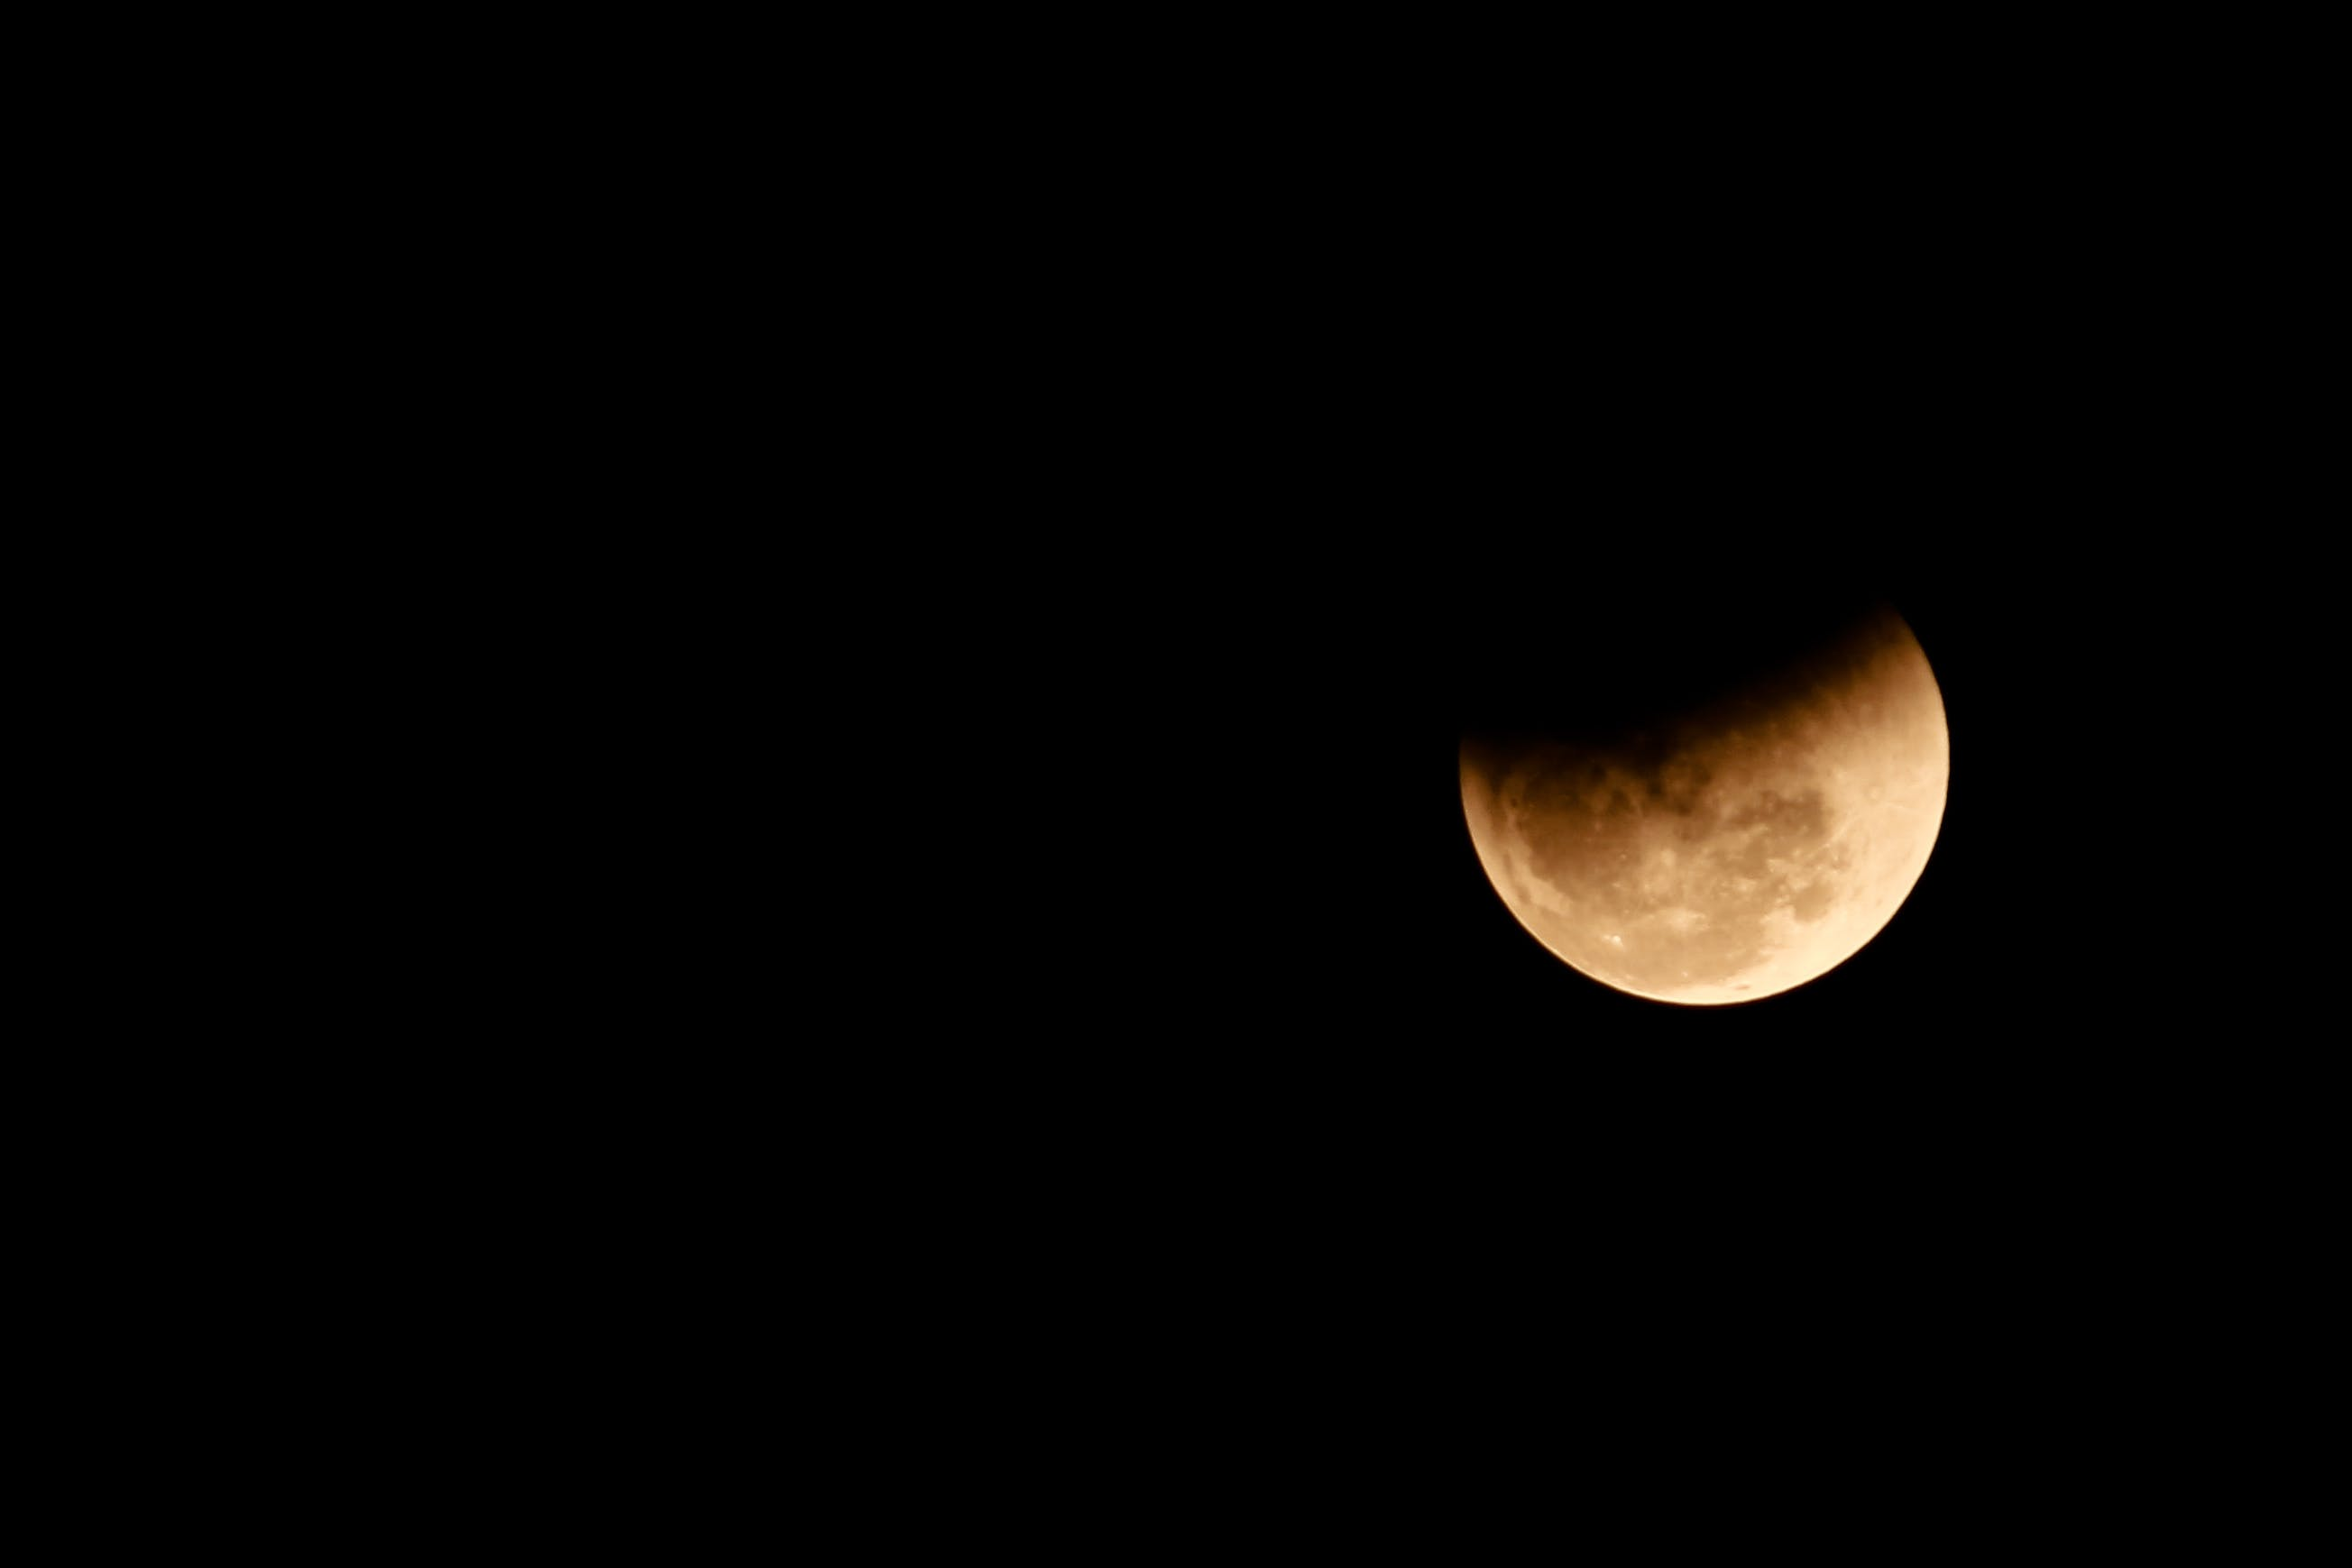 คลังภาพถ่ายฟรี ของ จันทรคติ, จันทรา, ท้องฟ้า, พระจันทร์ครึ่งเสี้ยว